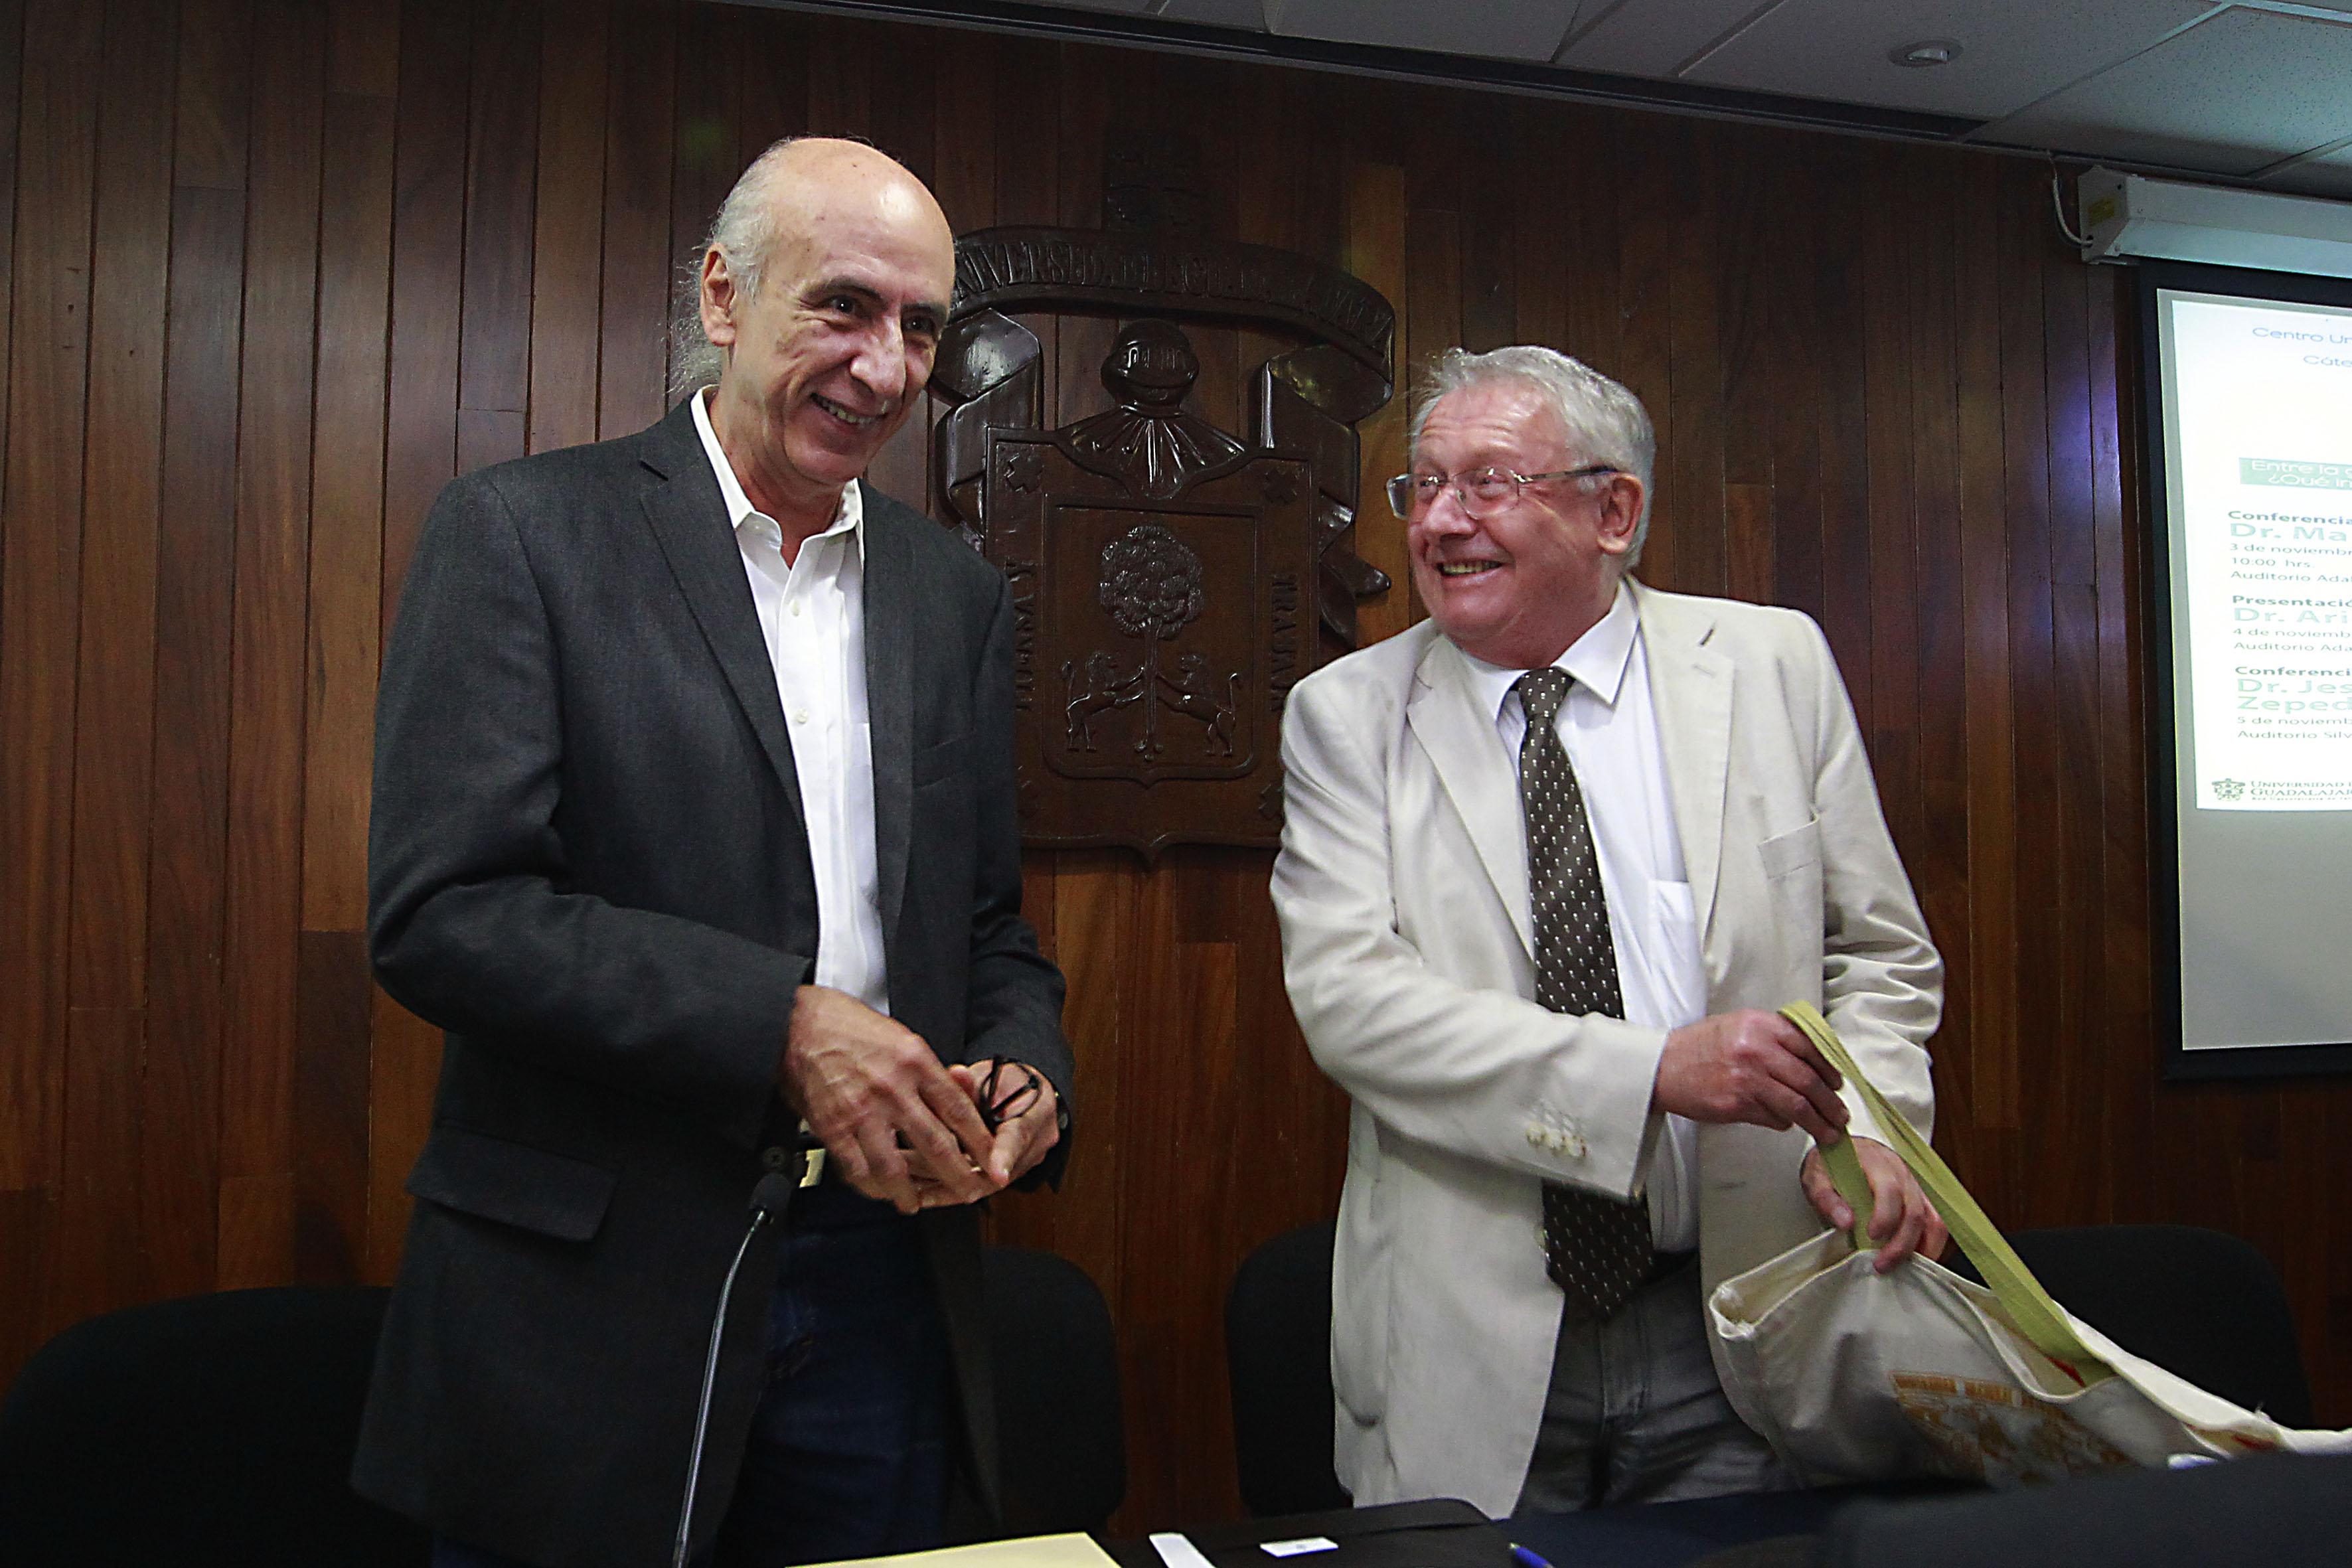 Doctor Jaime Preciado Coronado y el Investigador en Filosofía Mark Platts Daley  participando en el 1er Cloquio de Ética Pública